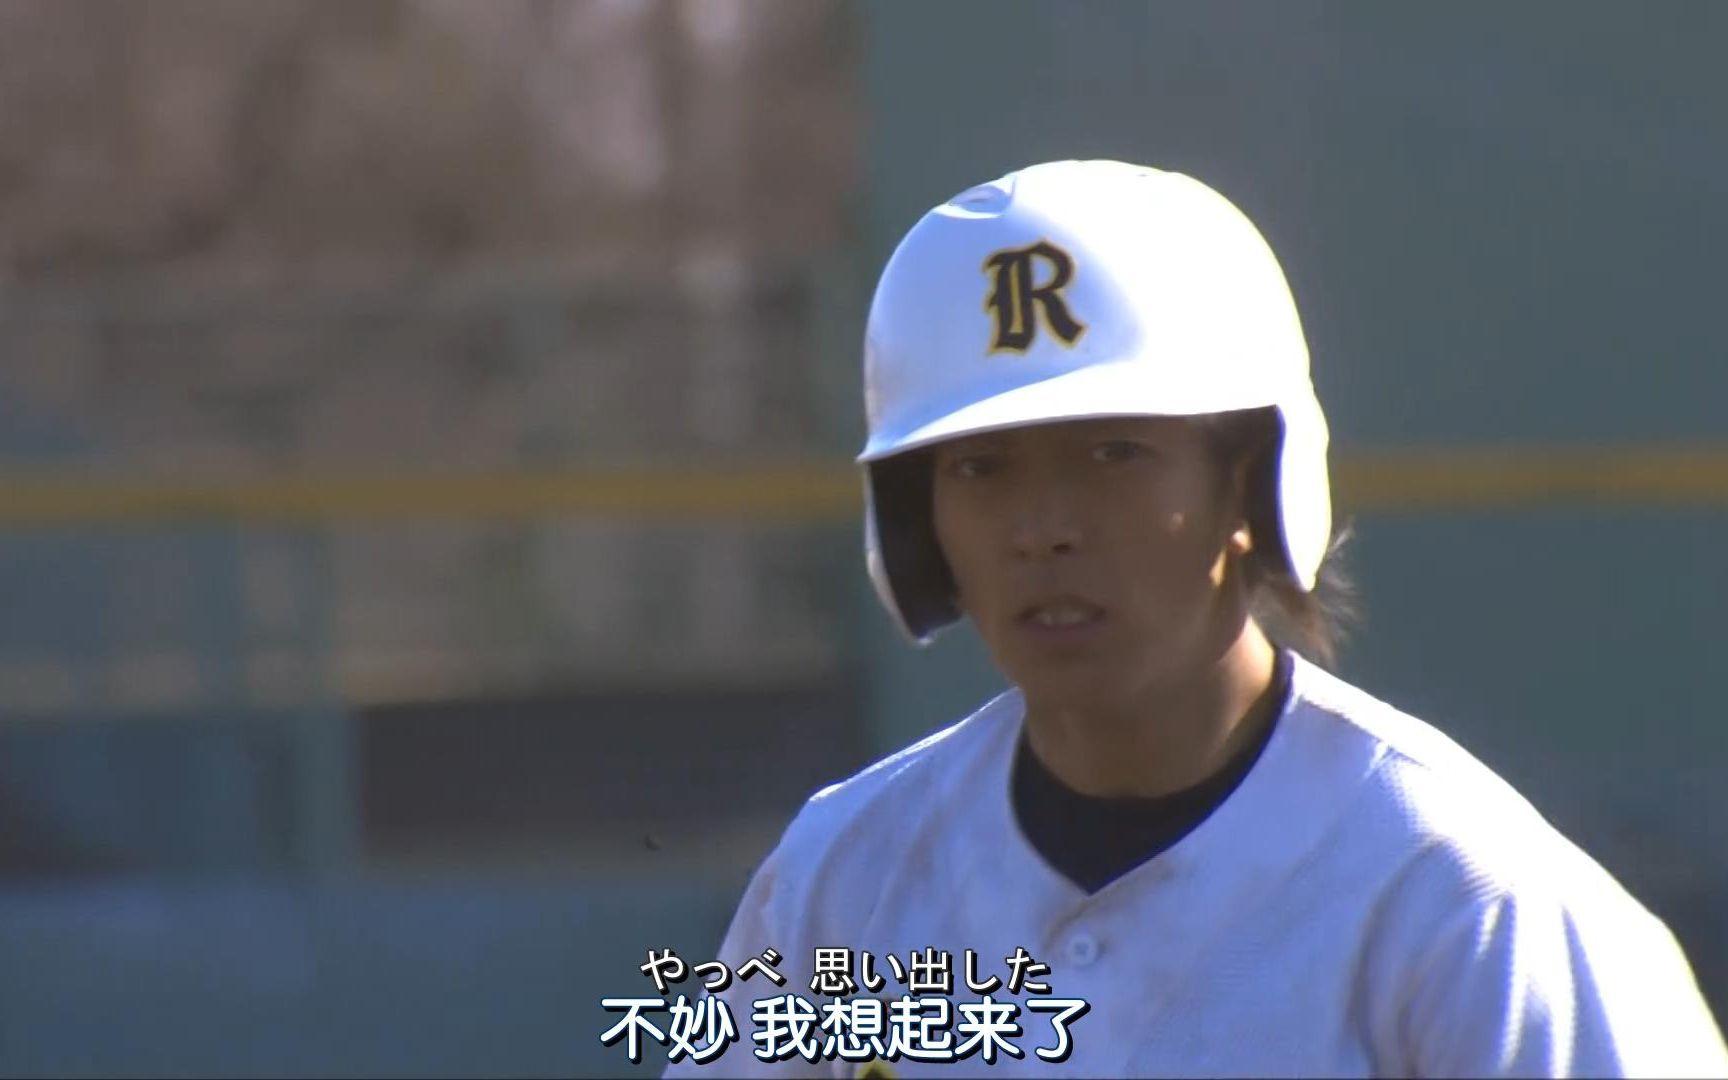 《求婚大作战》EP01-5 山下智久cut (中日字幕超清)